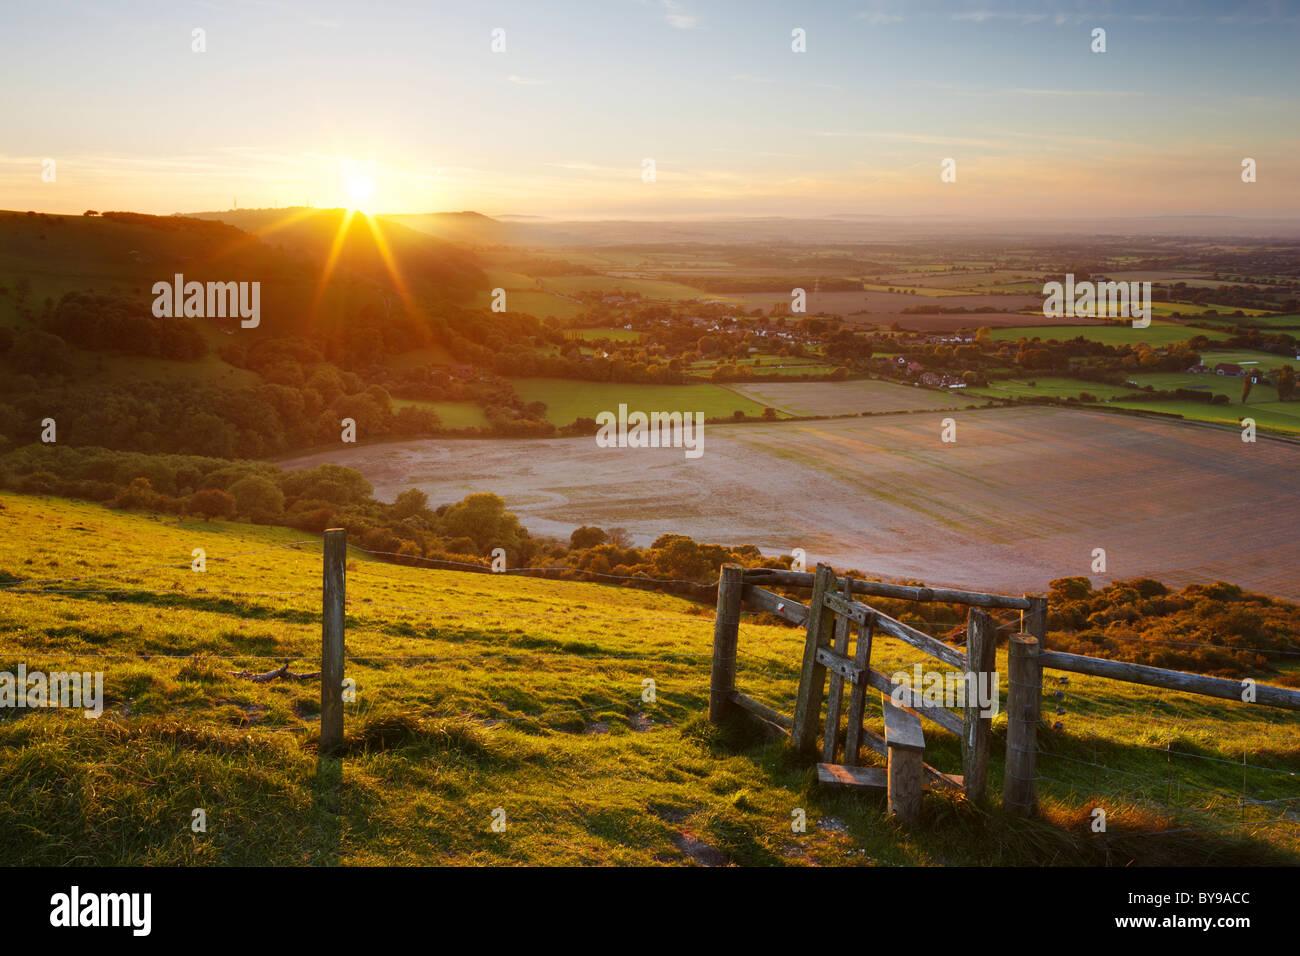 Stile con vedute del West Sussex campagna. Il sole di sera rendendo la sua discesa dietro le colline ondulate. Immagini Stock